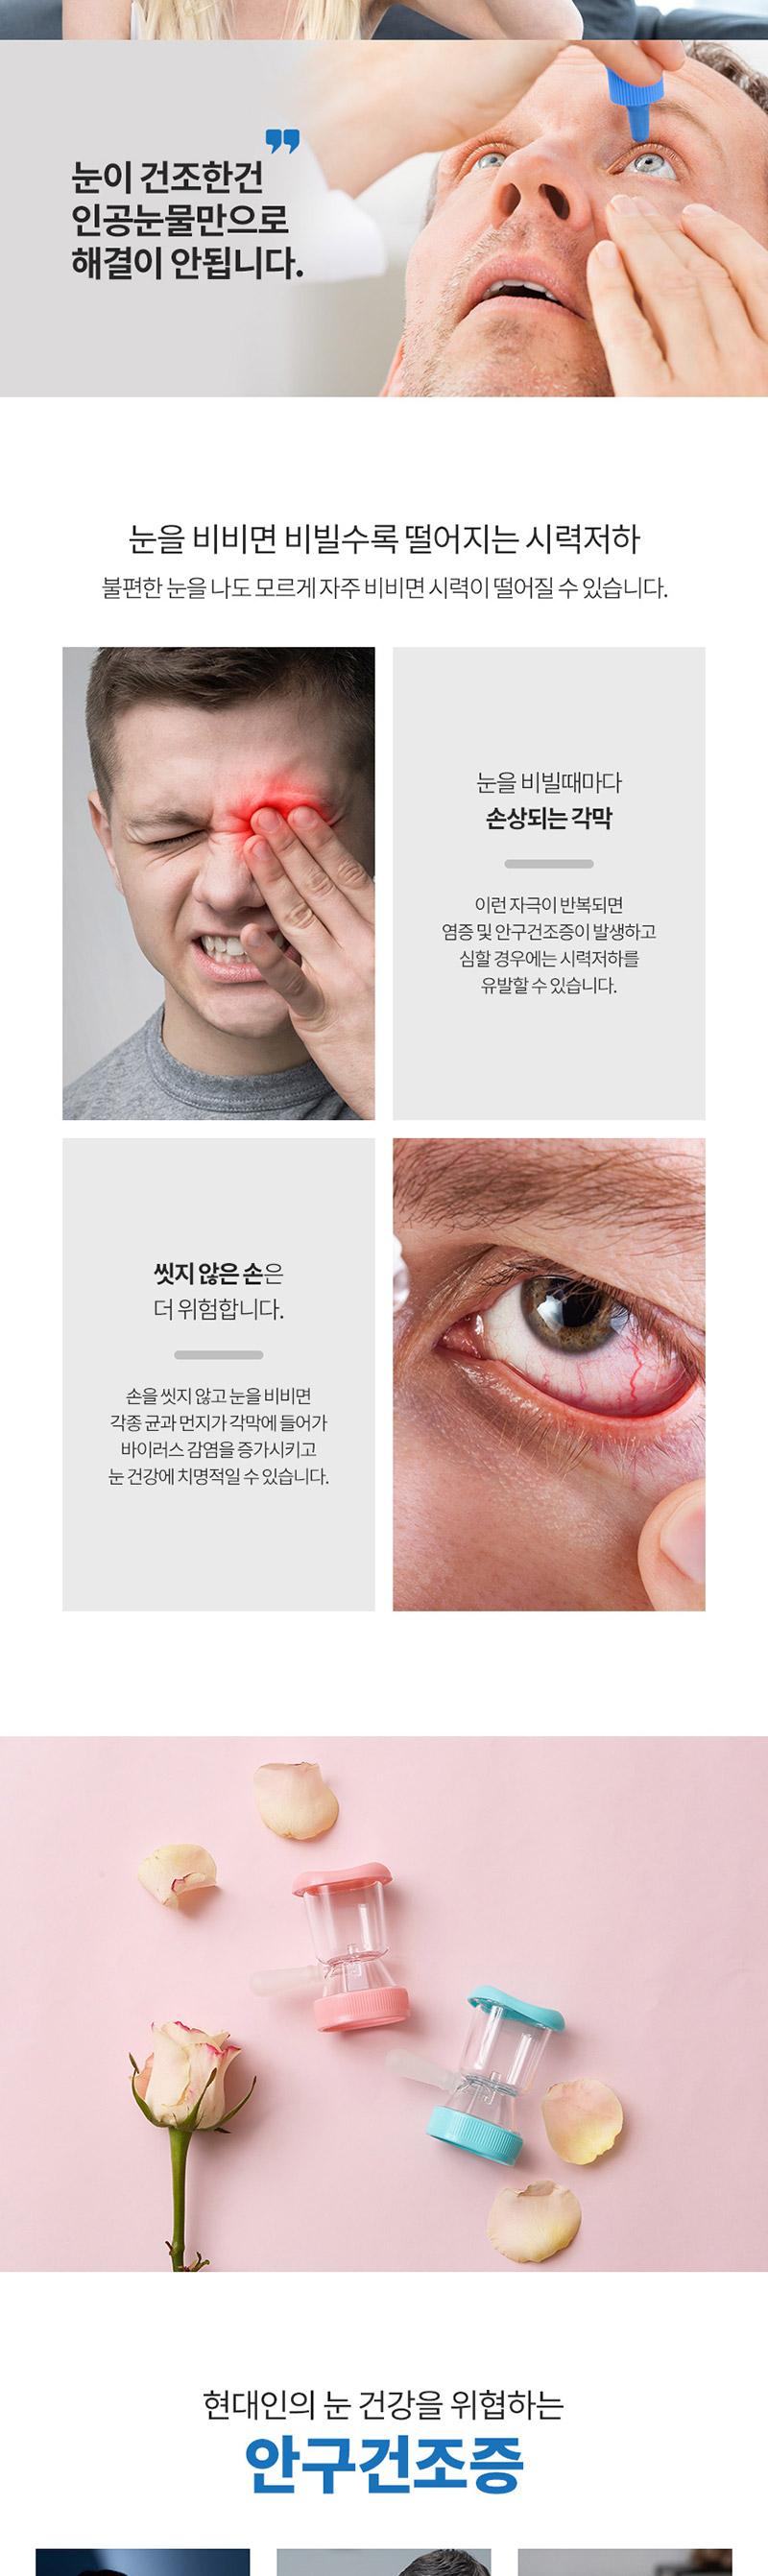 eyes_cue_02_135108.jpg